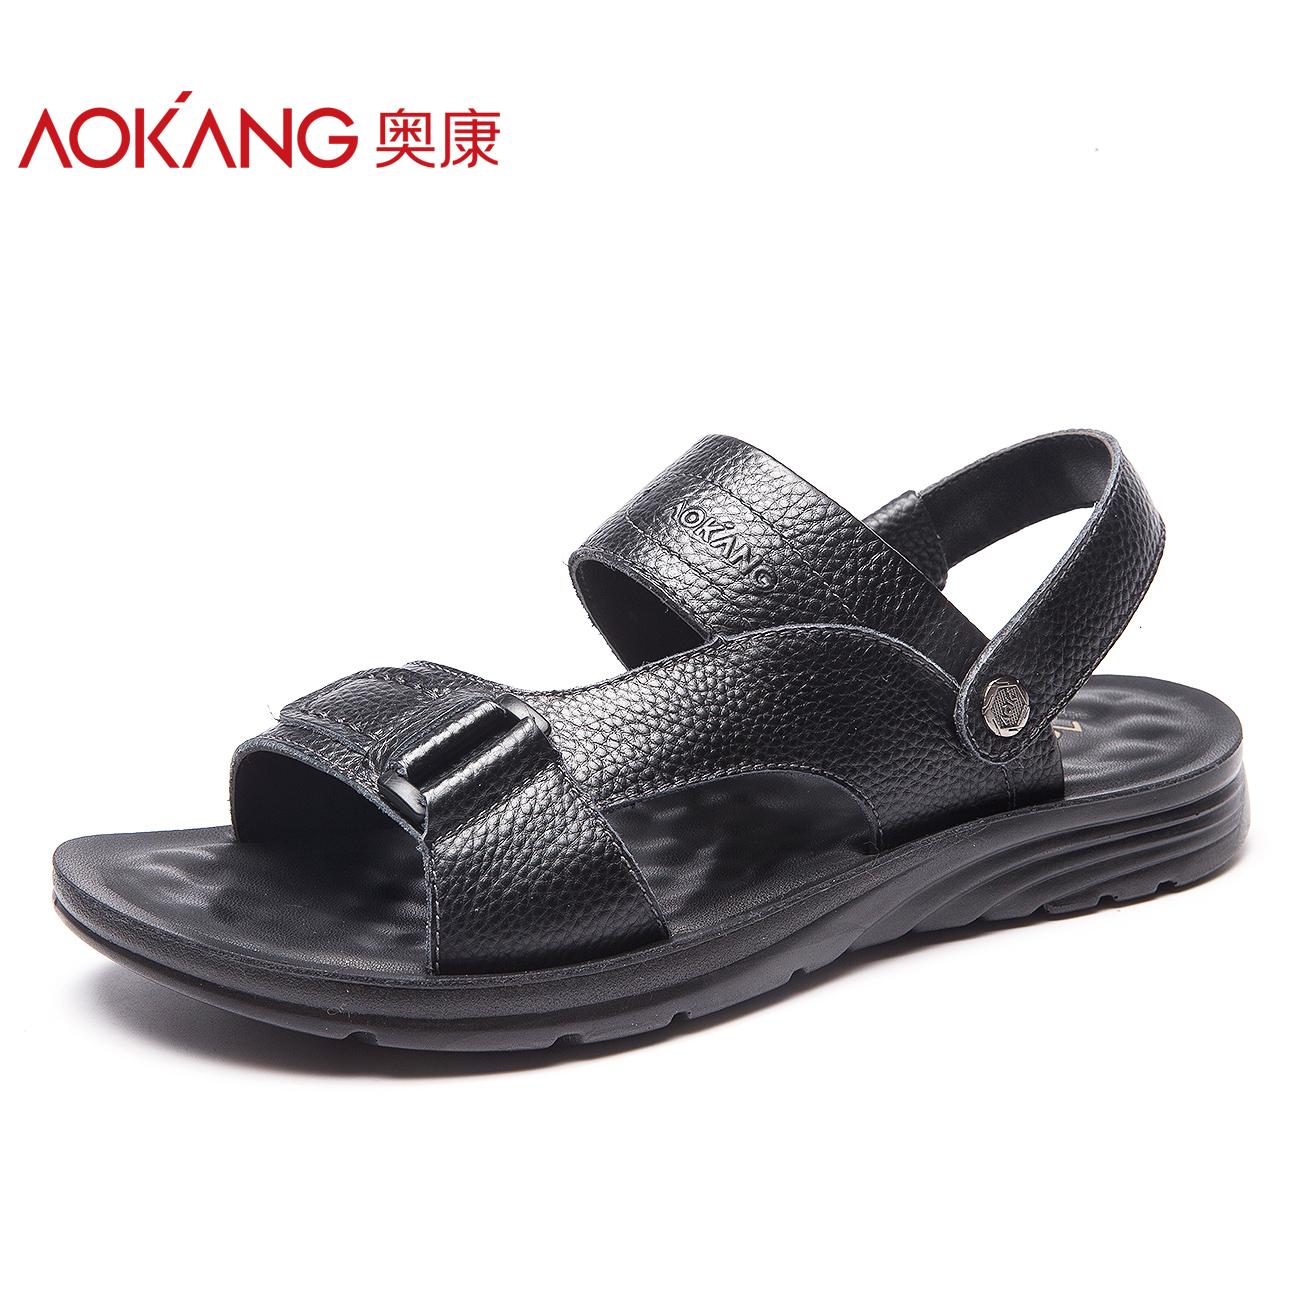 奥康凉鞋透气舒适沙滩鞋男鞋男士夏季真皮沙滩鞋两穿休闲凉拖鞋